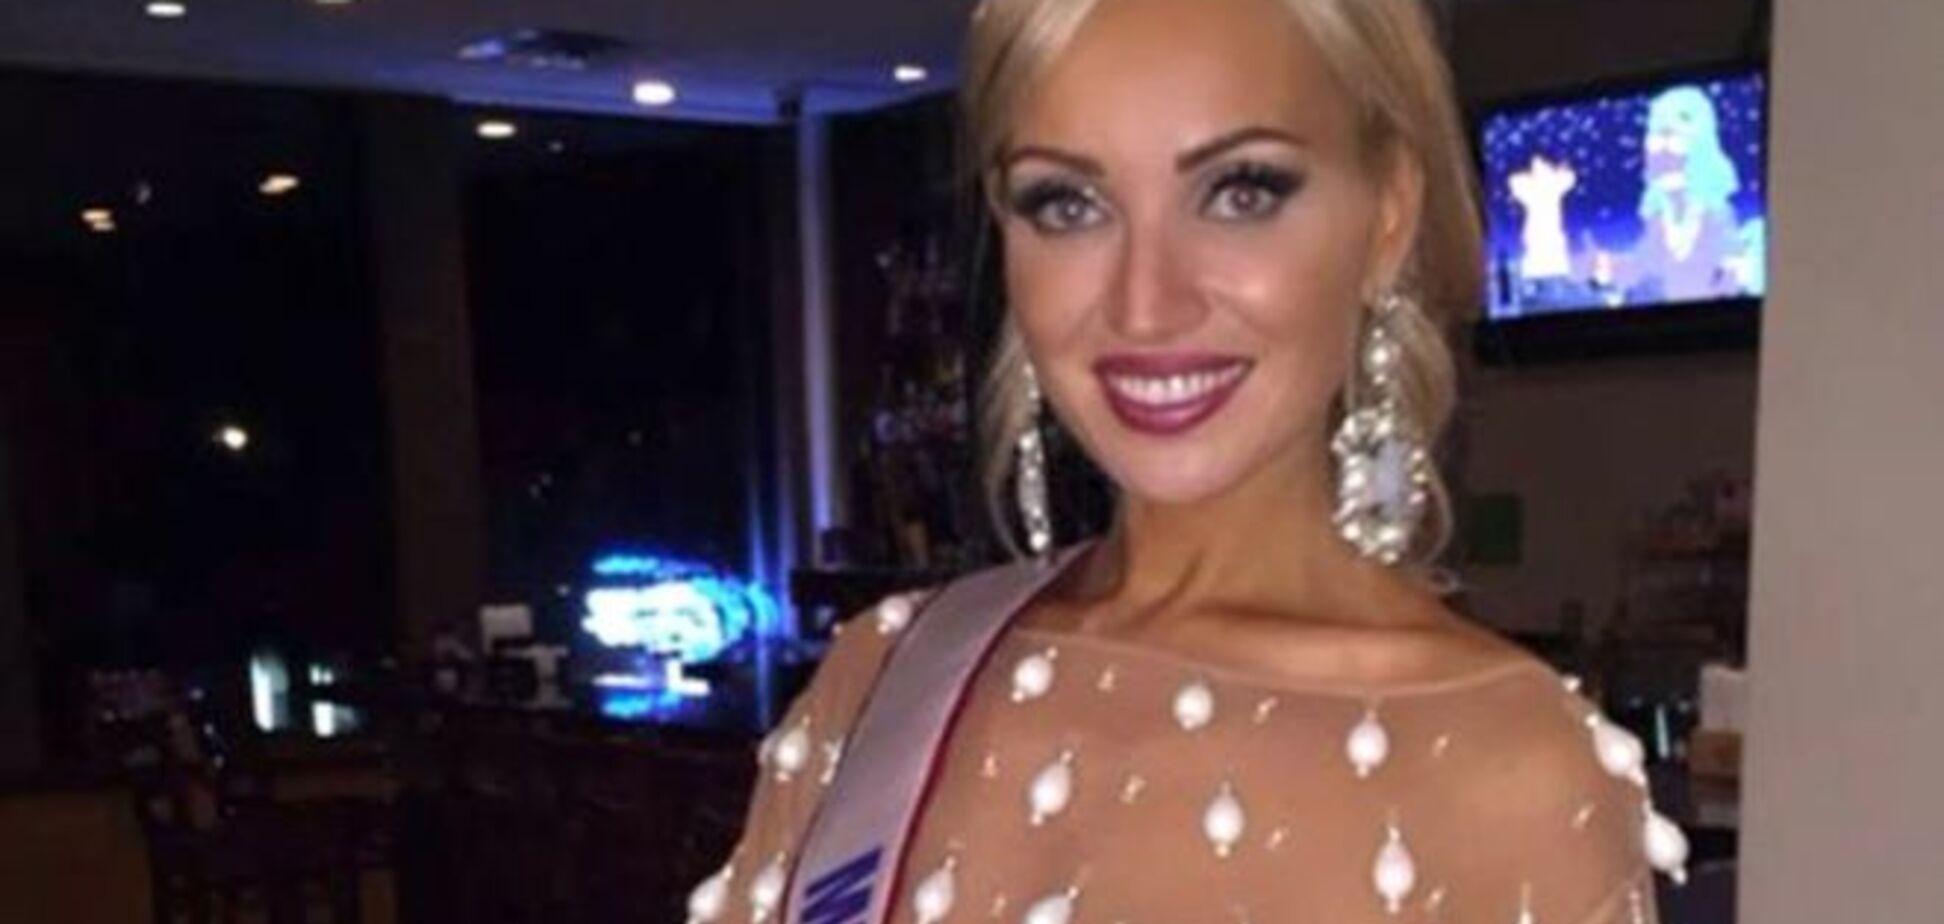 Самозванка из России, ставшая  'Миссис мира-2014', призналась, как попала на конкурс